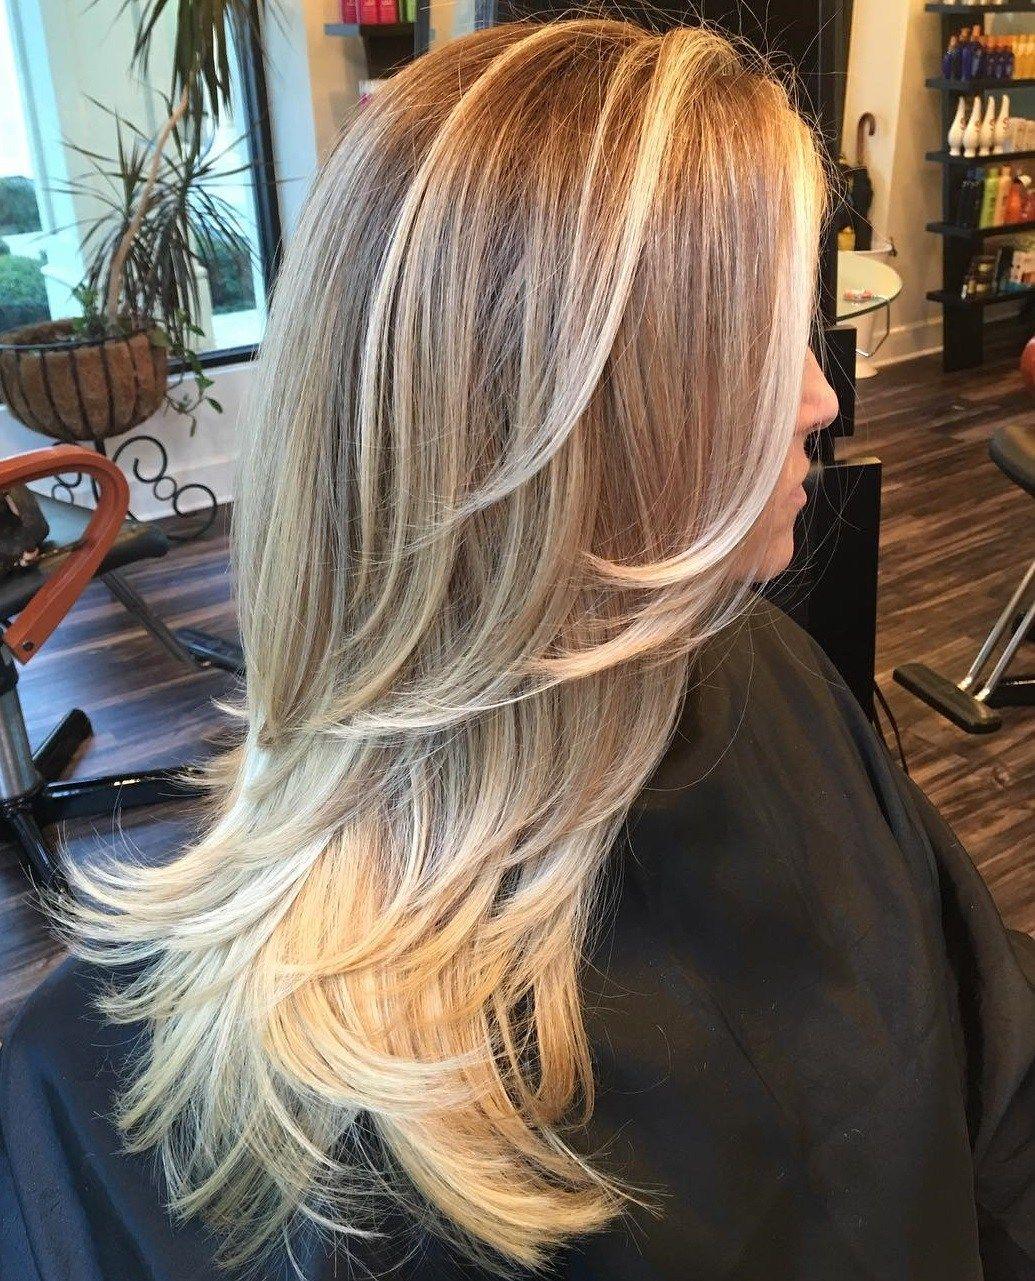 Pin On Hair Pics